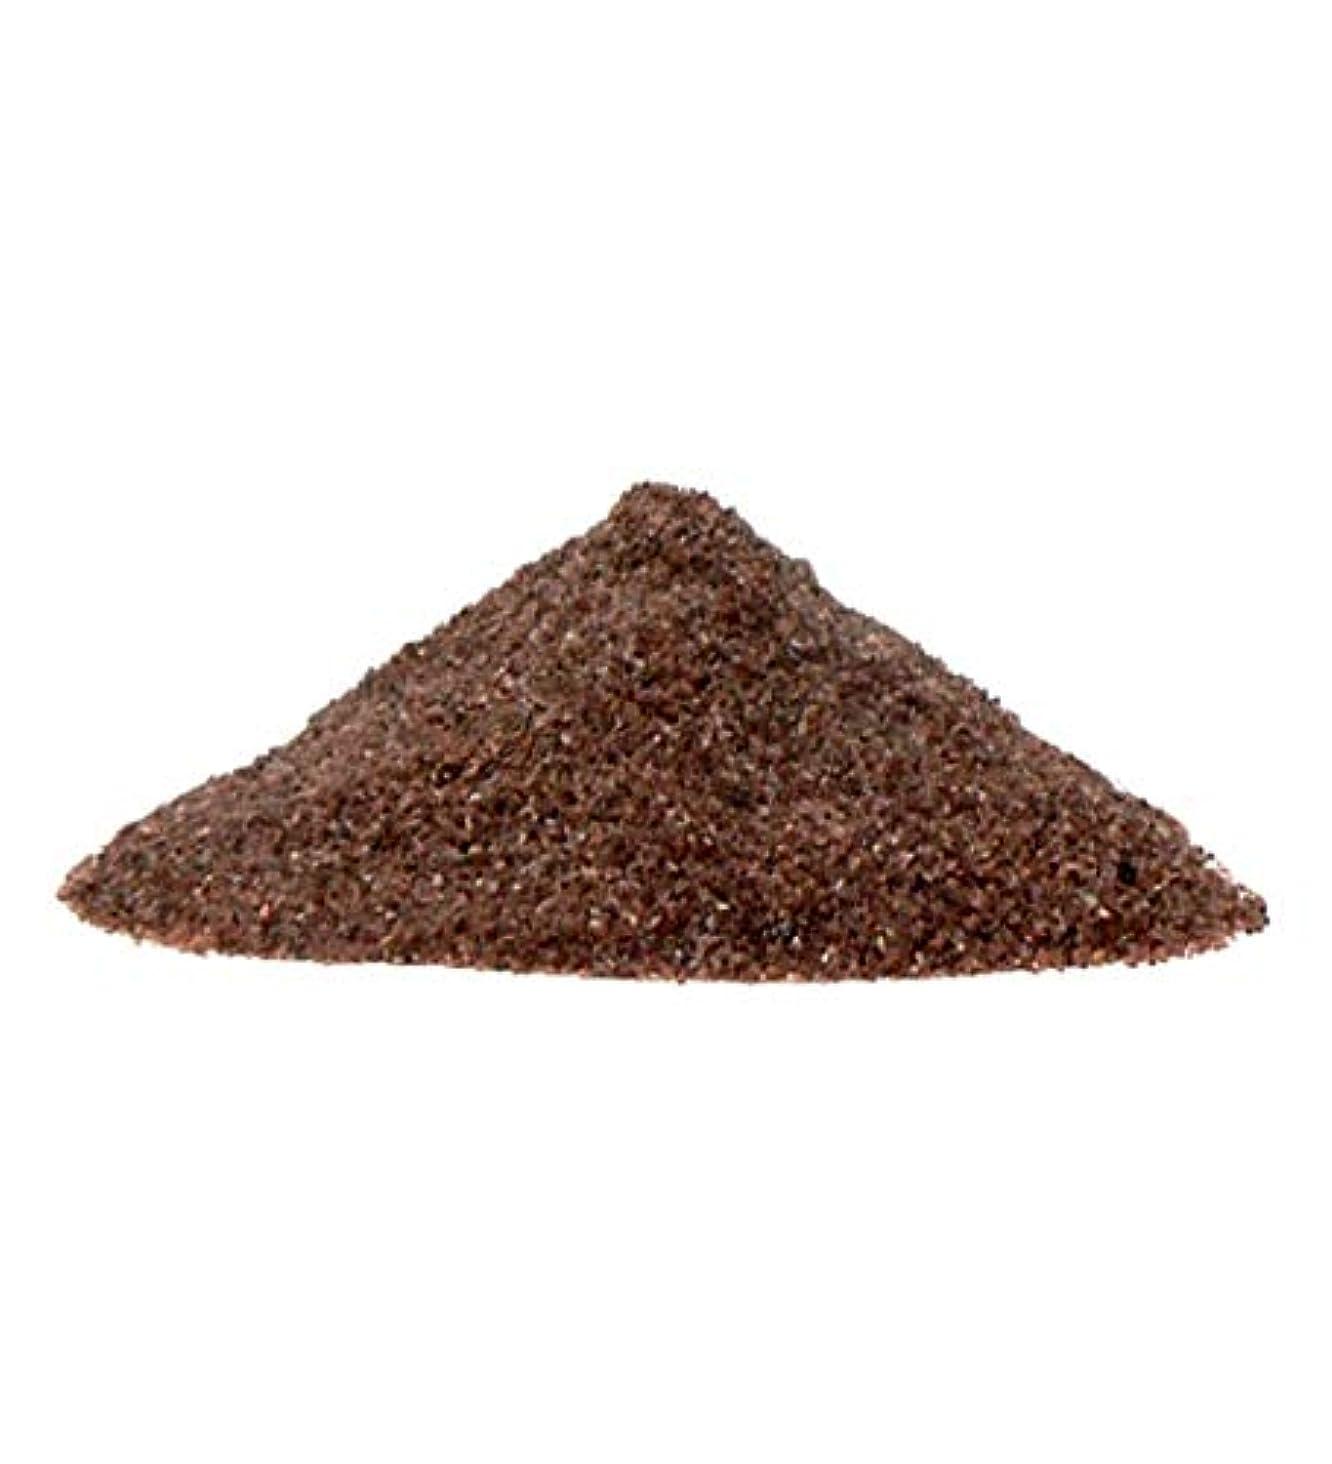 三番伝記謝る増量中!ヒマラヤ岩塩 ブラックソルト 入浴用 バスソルト (微粒パウダー) 黒岩塩 (3kg+500g増量)